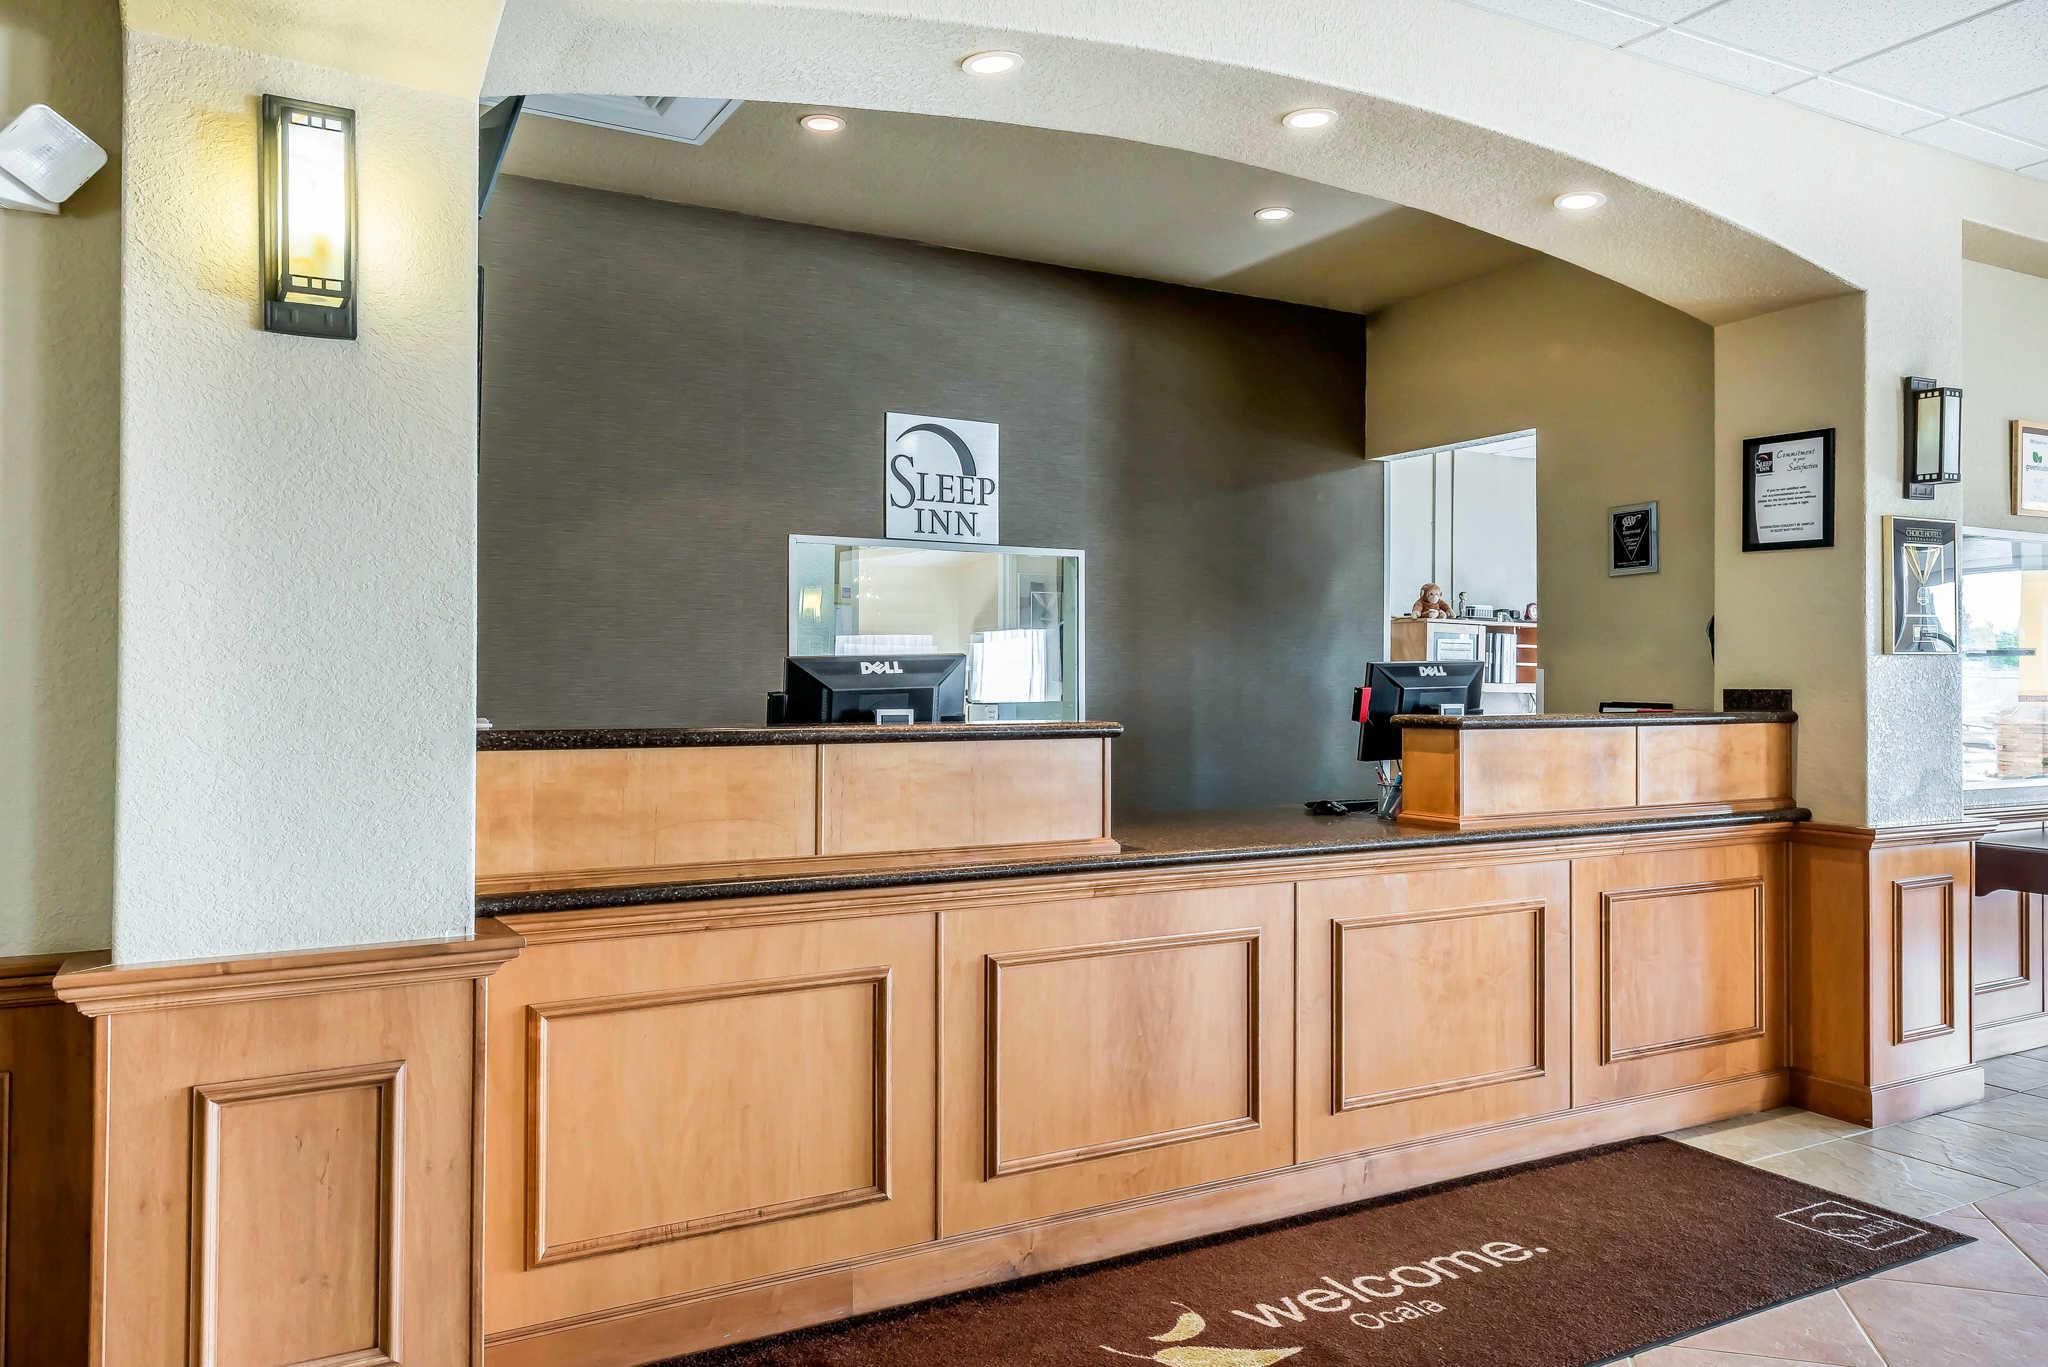 Sleep Inn & Suites Ocala - Belleview image 5